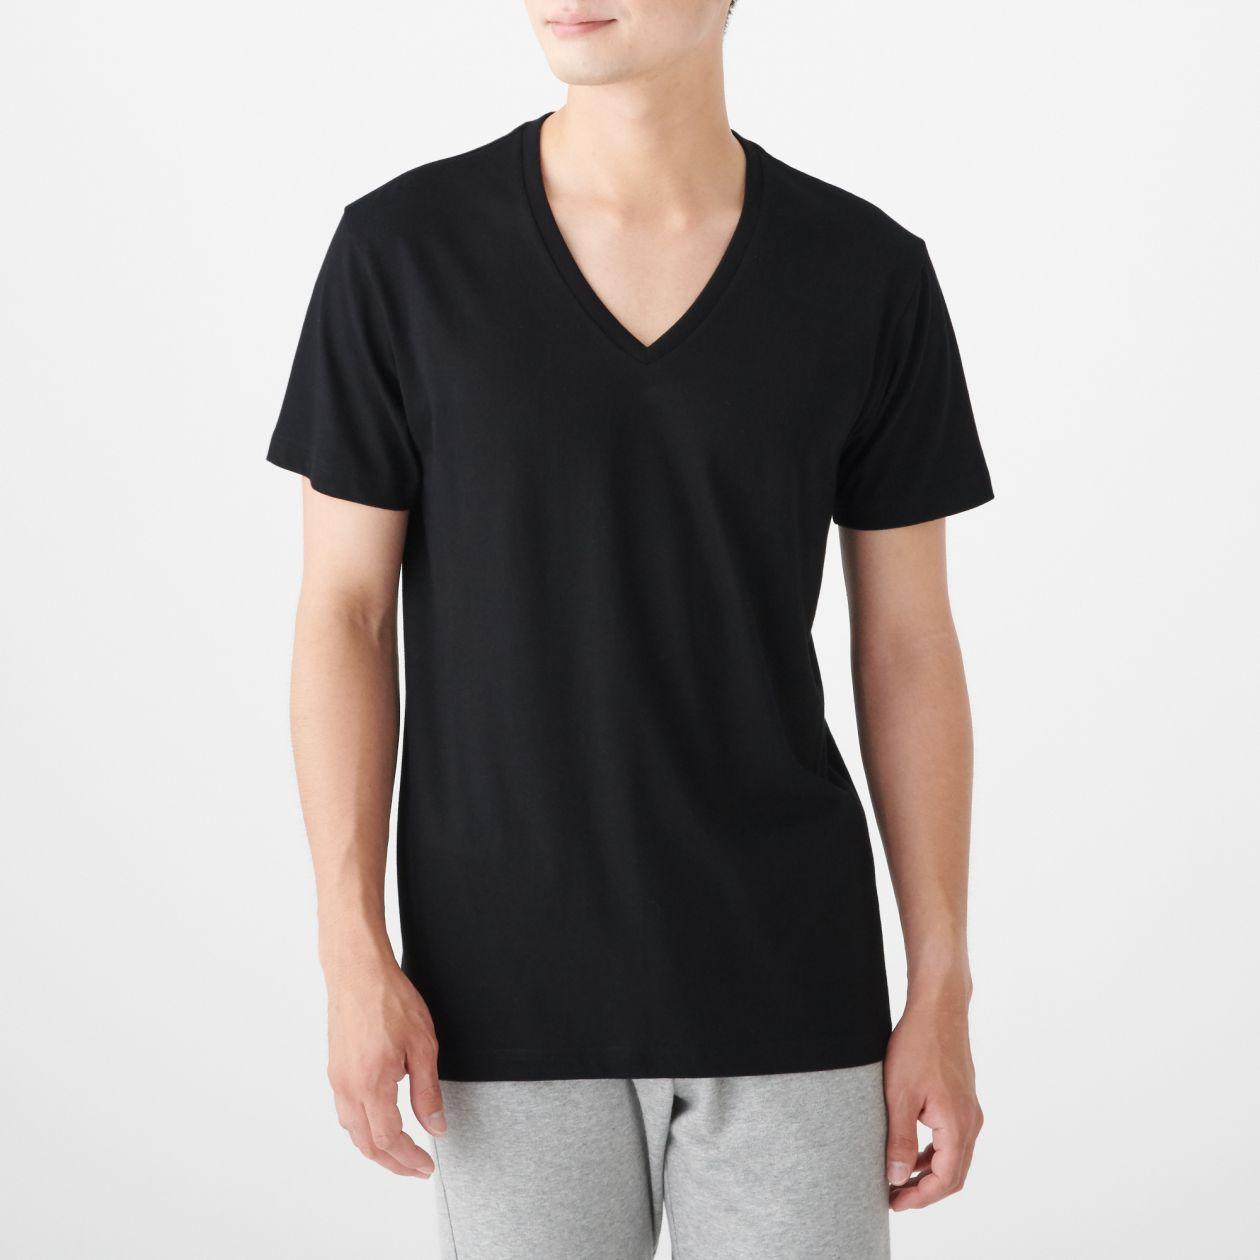 脇に縫い目がない 天竺編みVネック半袖Tシャツ・2枚組